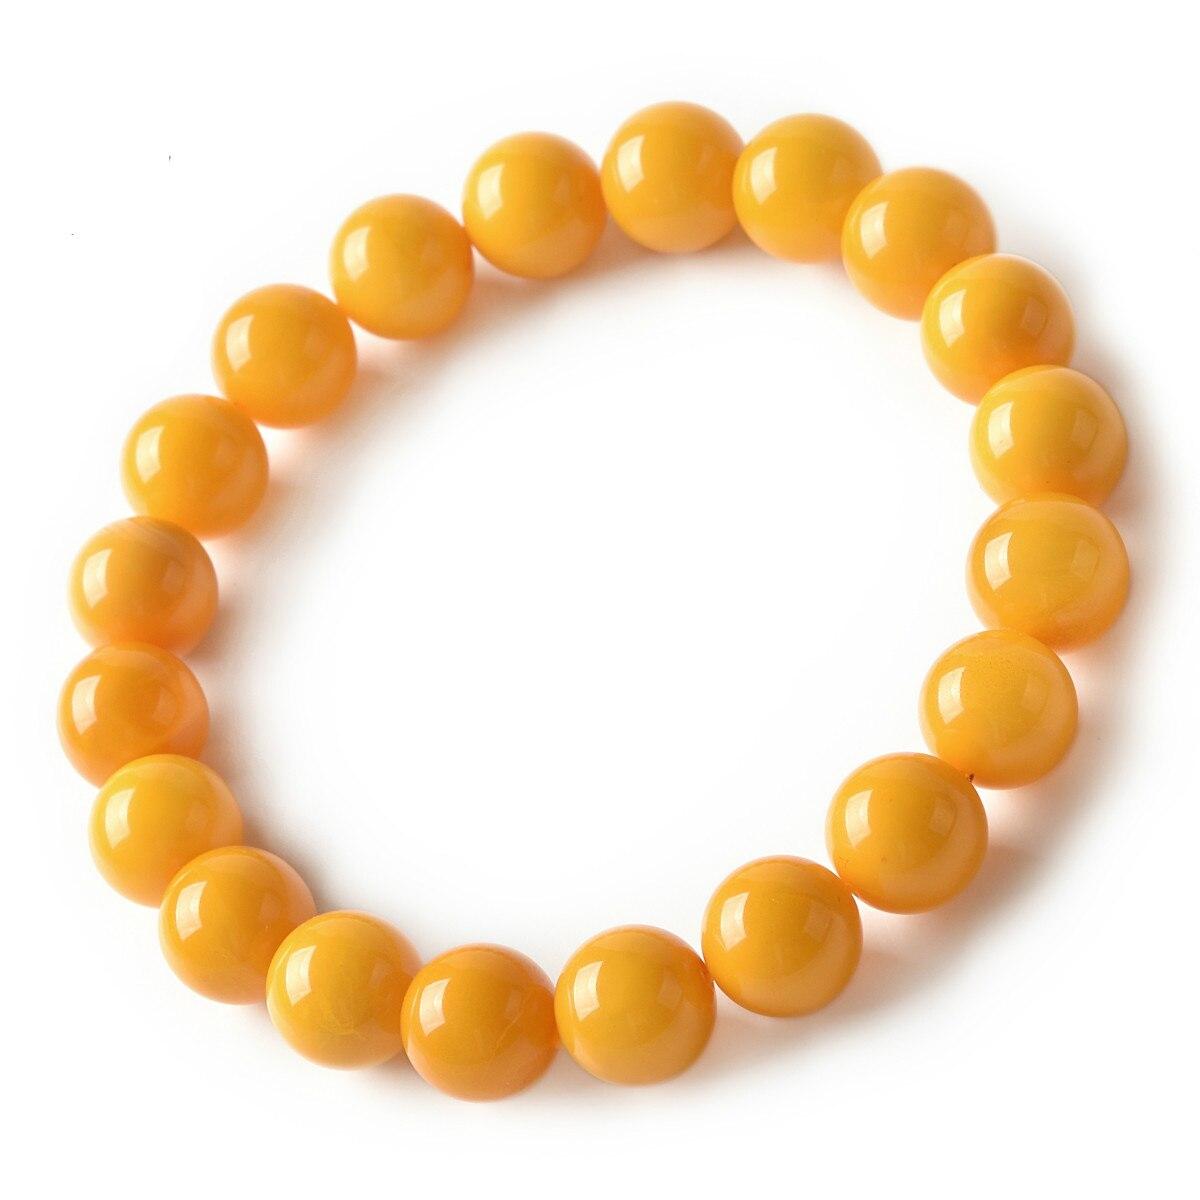 Miel cire main chaîne huile de poulet miel cire main chaîne unique anneau cristal ambre perle bijoux pour hommes et femmes